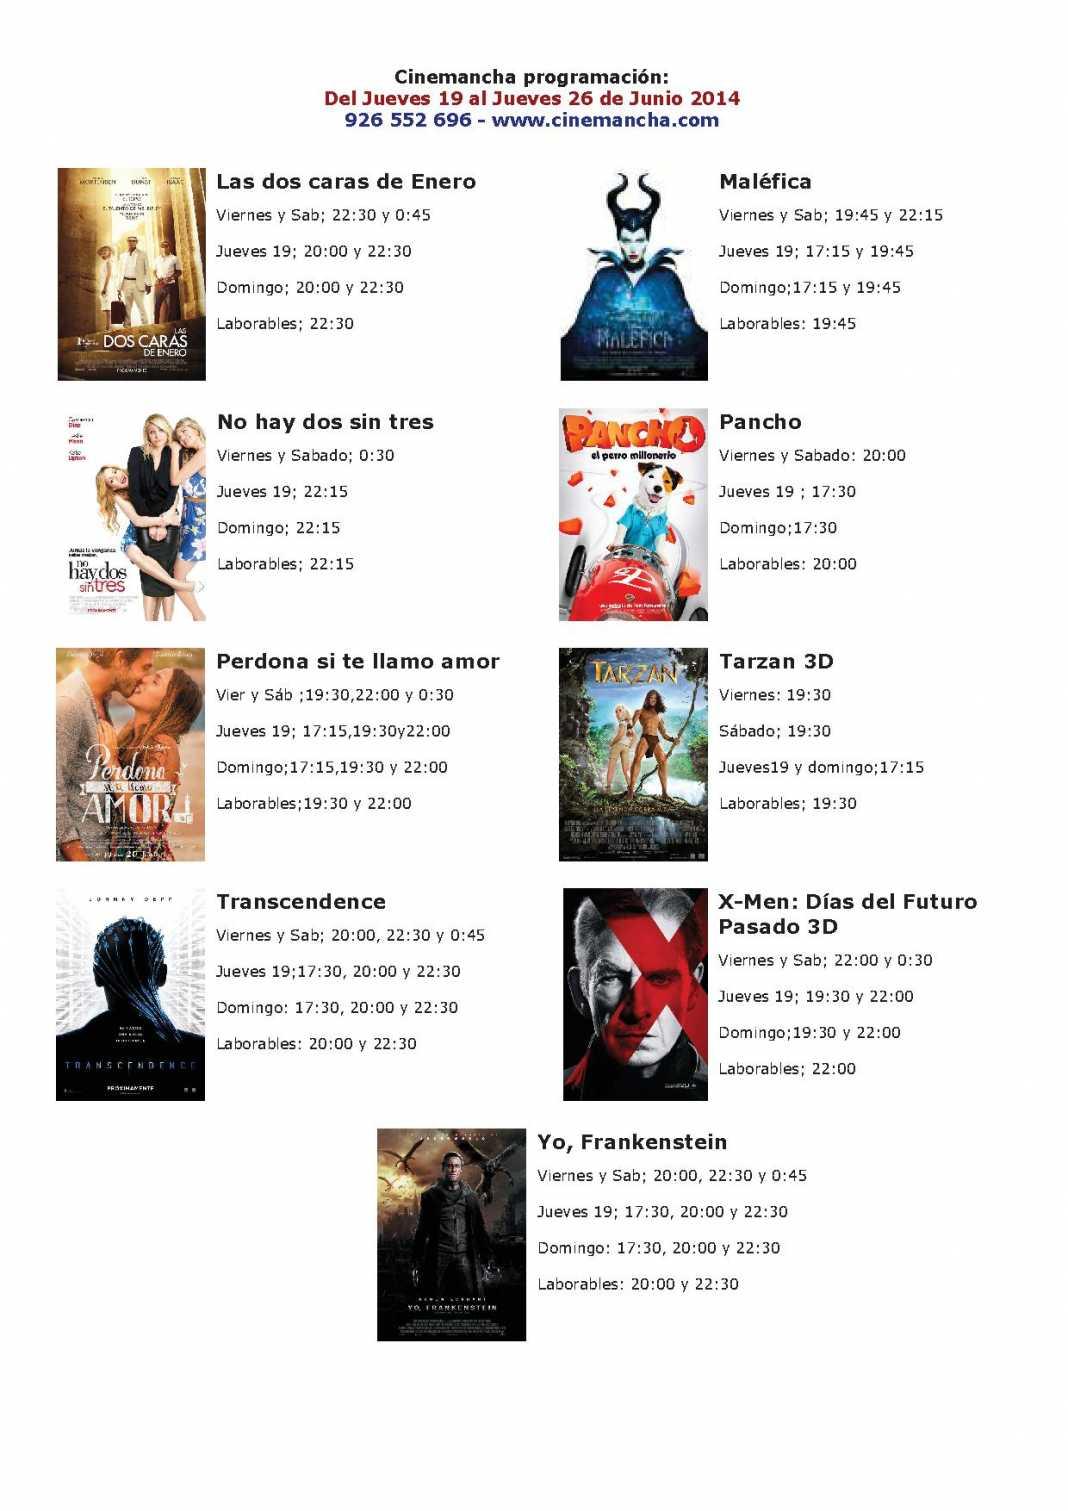 cartelera de cinemancha del jueves 19 al jueves 26 de junio 1068x1511 - Cinemancha programación: Del Jueves 19 al Jueves 26 de Junio 2014